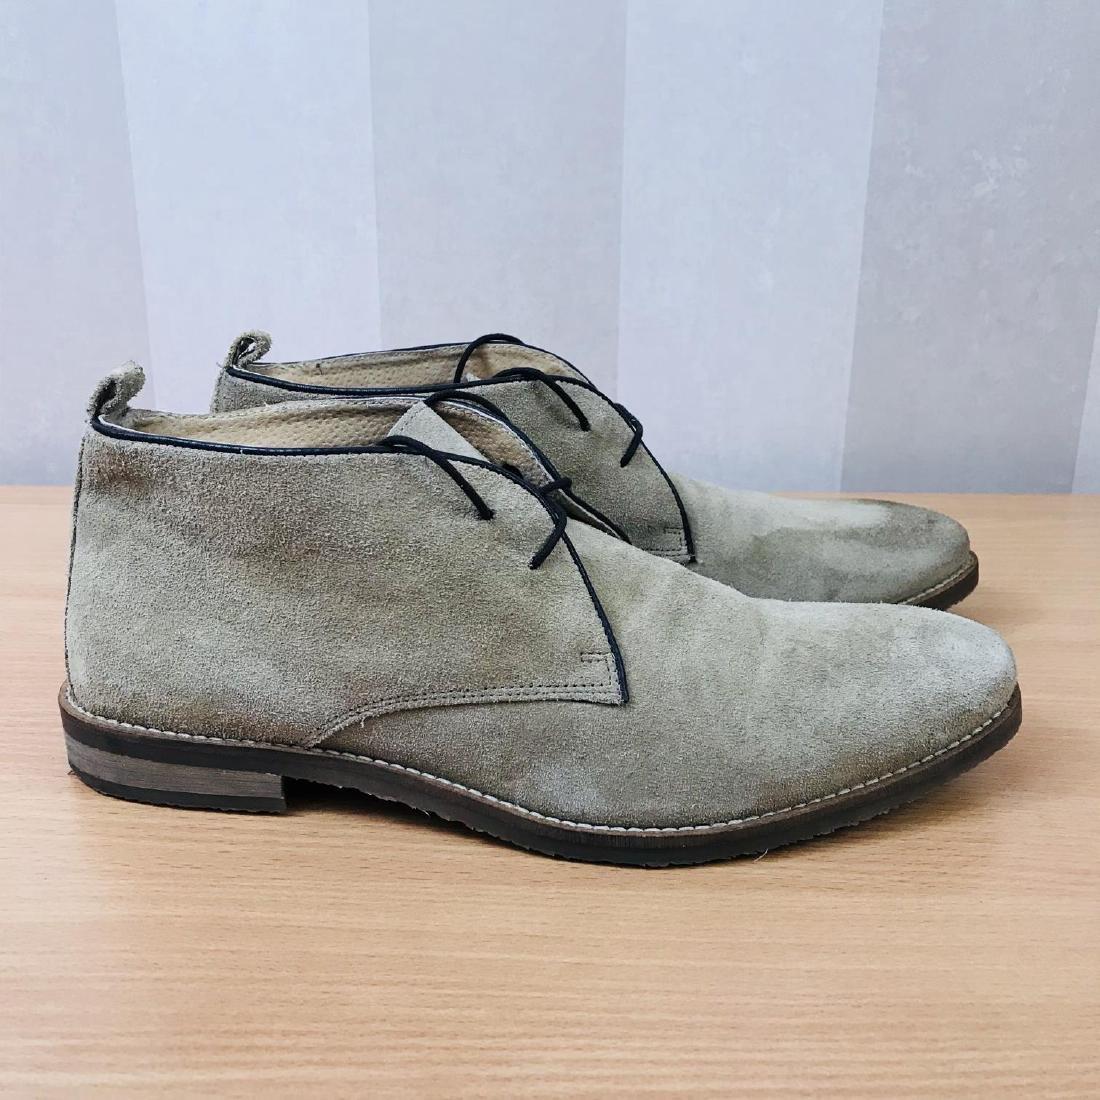 Vintage Men's Suede Leather Shoes Size EUR 44 US 11 - 2